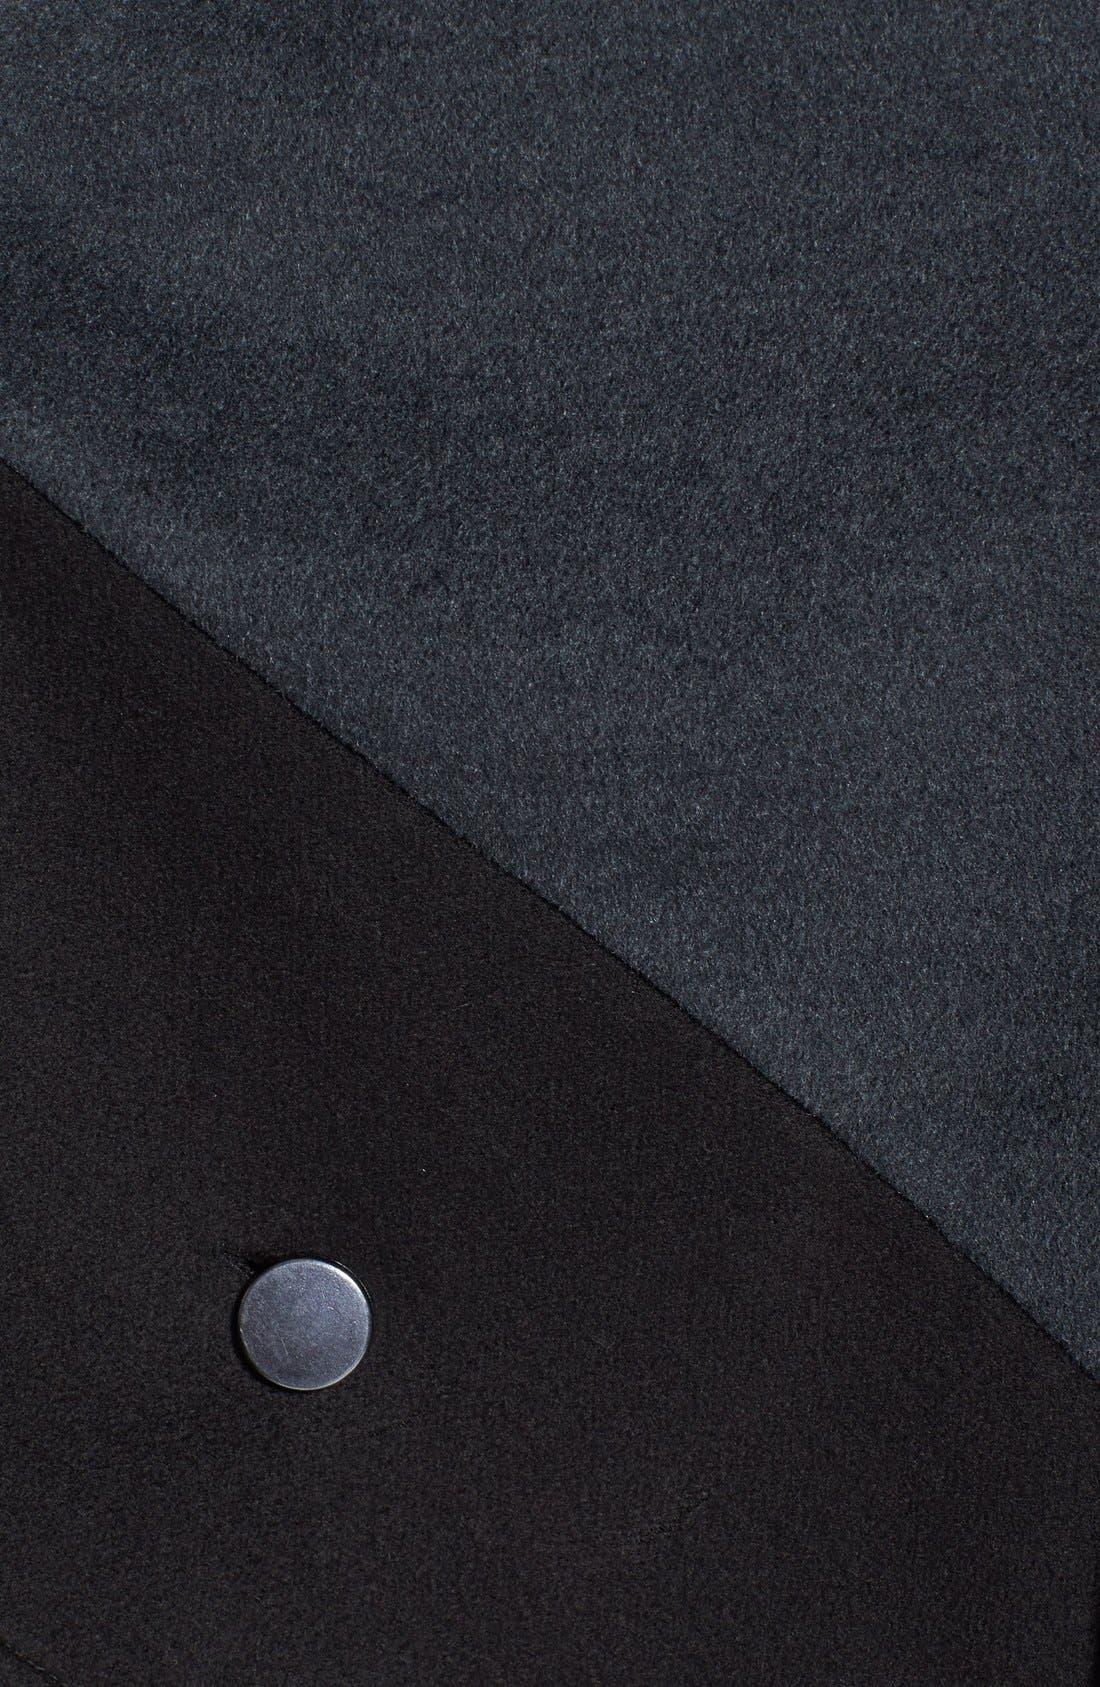 Faux Leather Trim Colorblock Cape,                             Alternate thumbnail 2, color,                             020